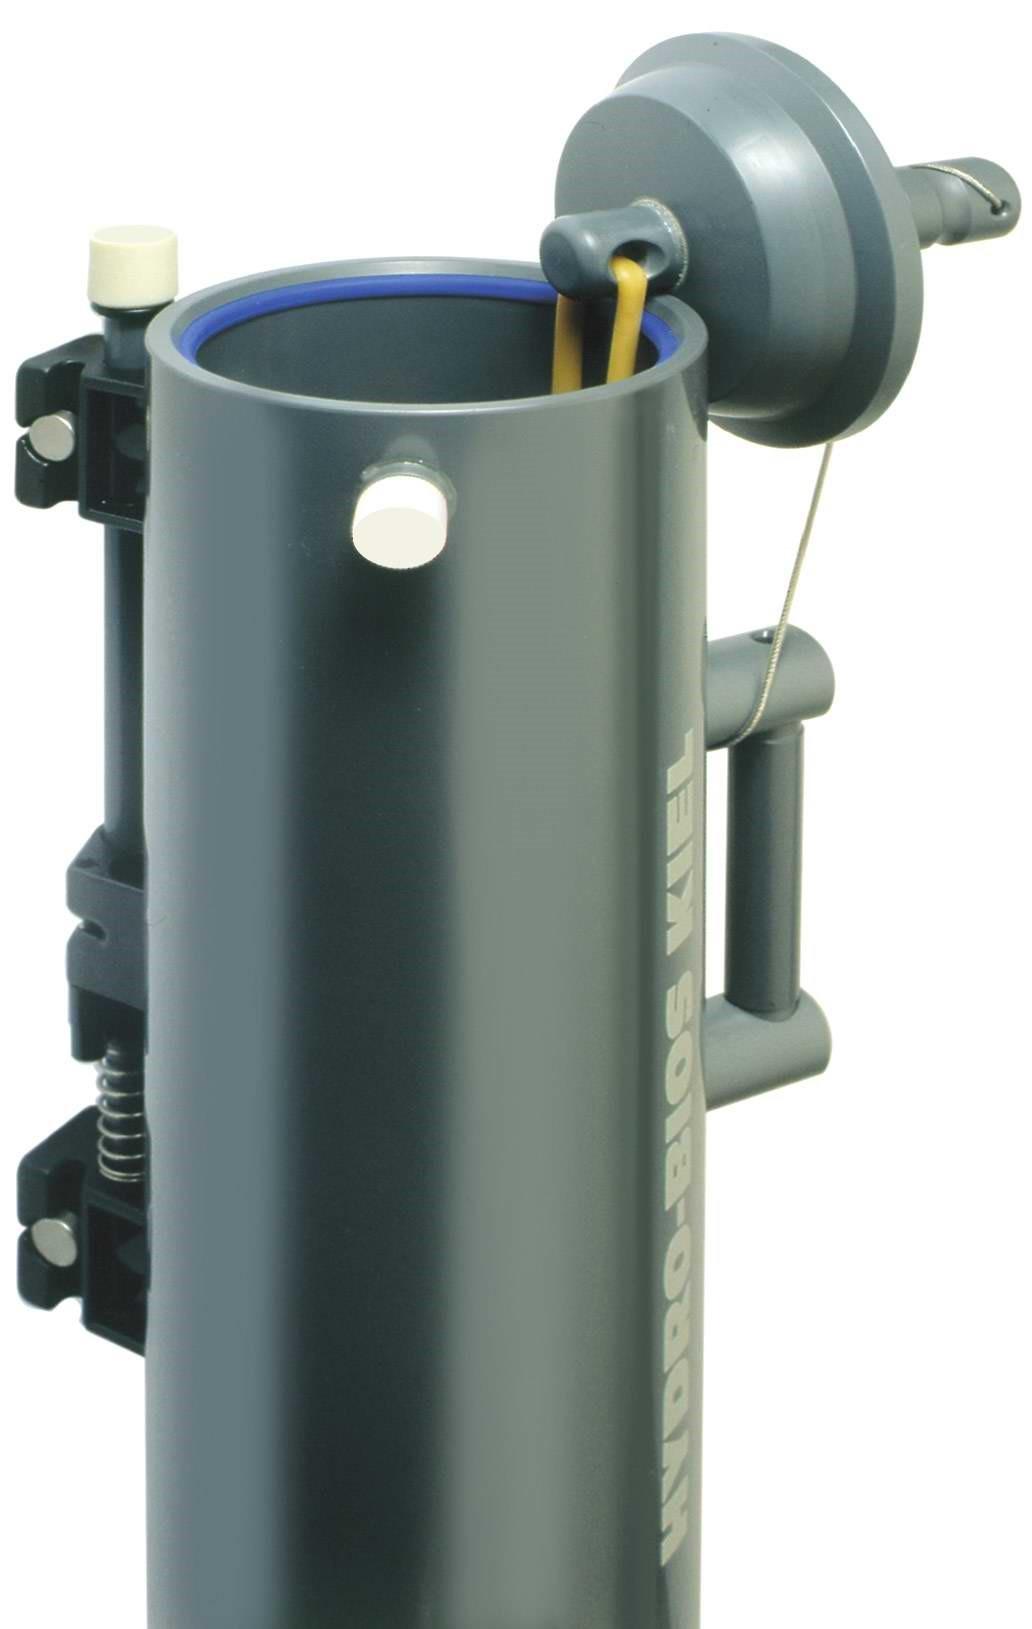 德国HYDRO-BIOS公司--通畅流水样采集器